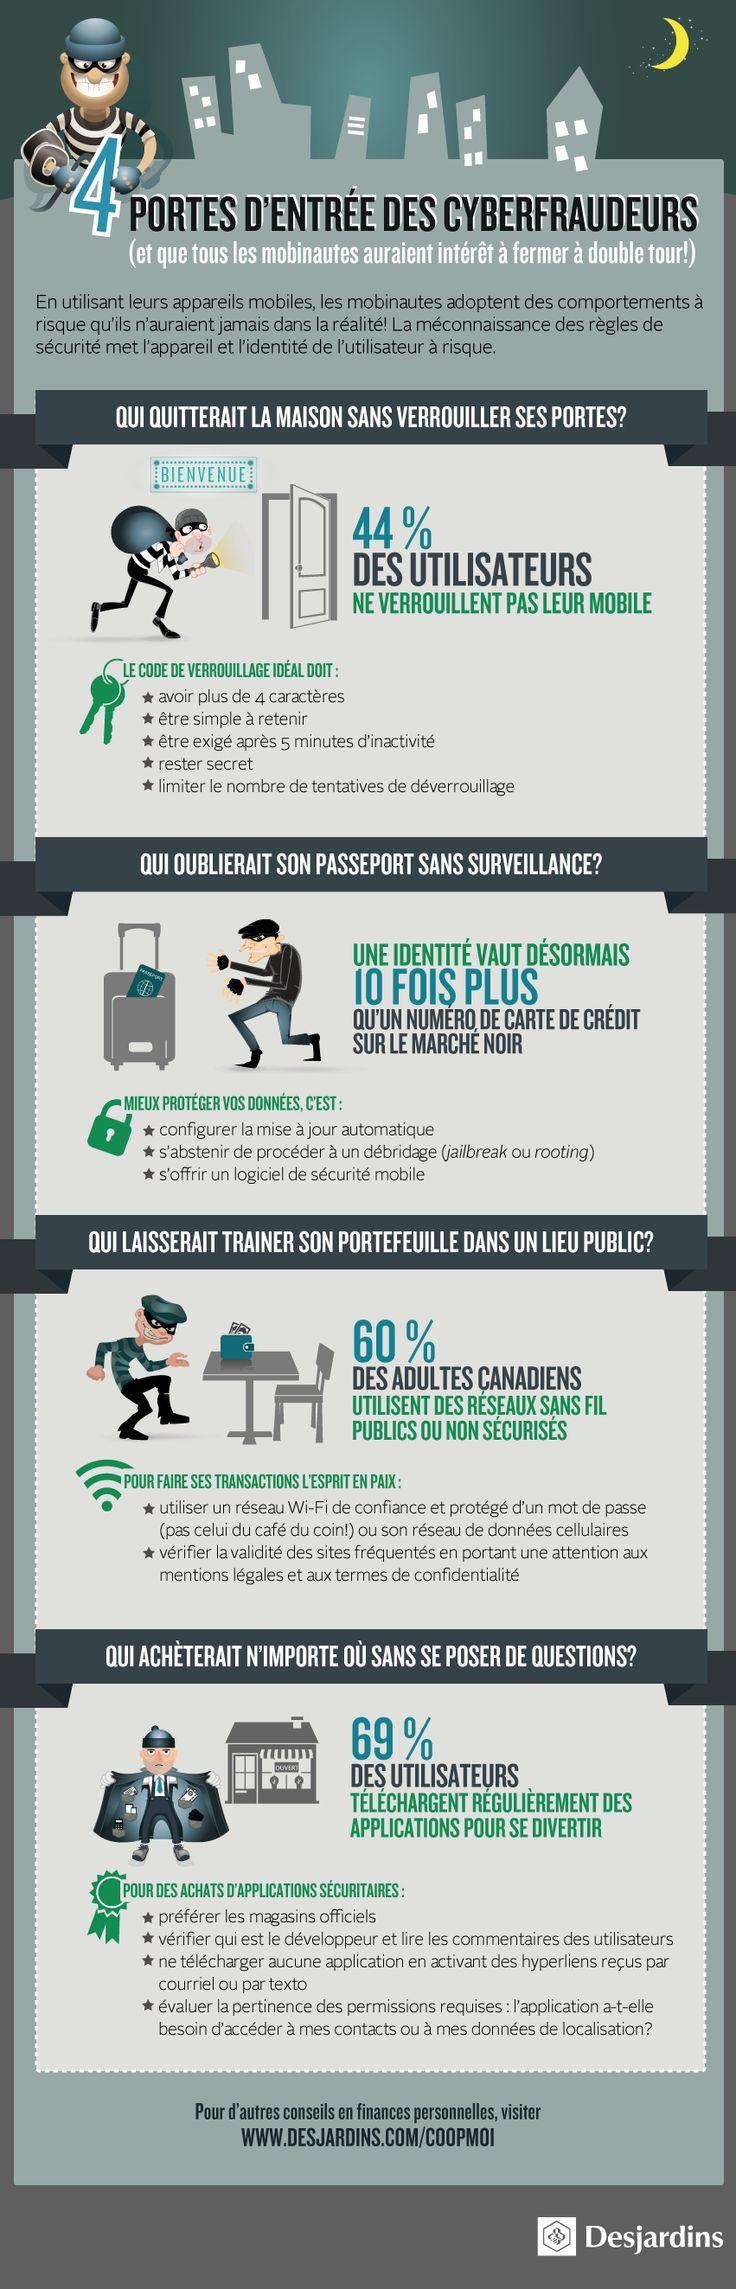 #Infographie - 4 portes d'entrées des cyberfraudeurs que tous les mobinautes auraient intérêt à fermer à double tour! #mobile #infographic #internet